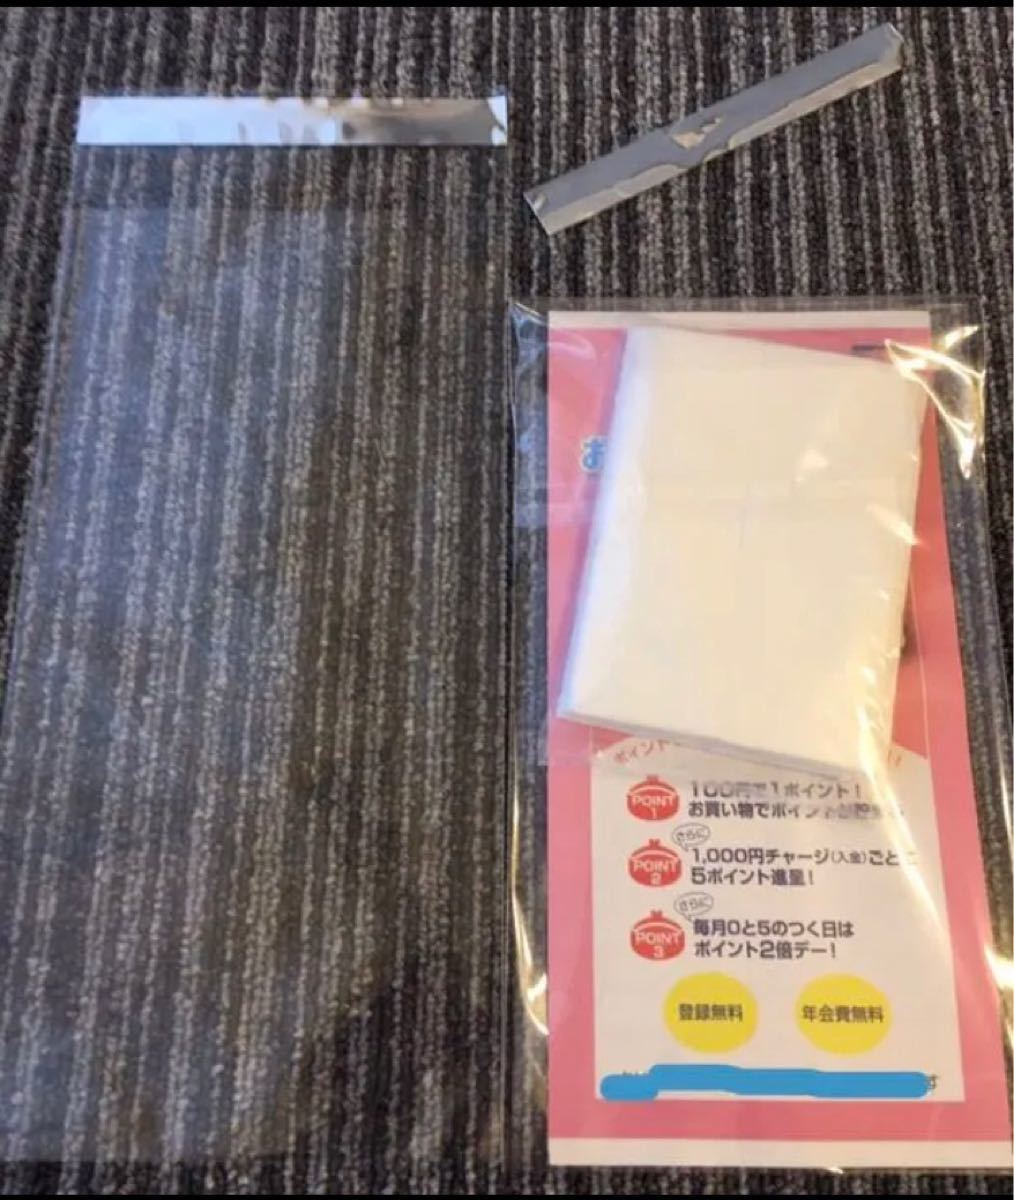 1000円 OPP ラッピング袋  300枚 フタテープ付き 長3サイズ